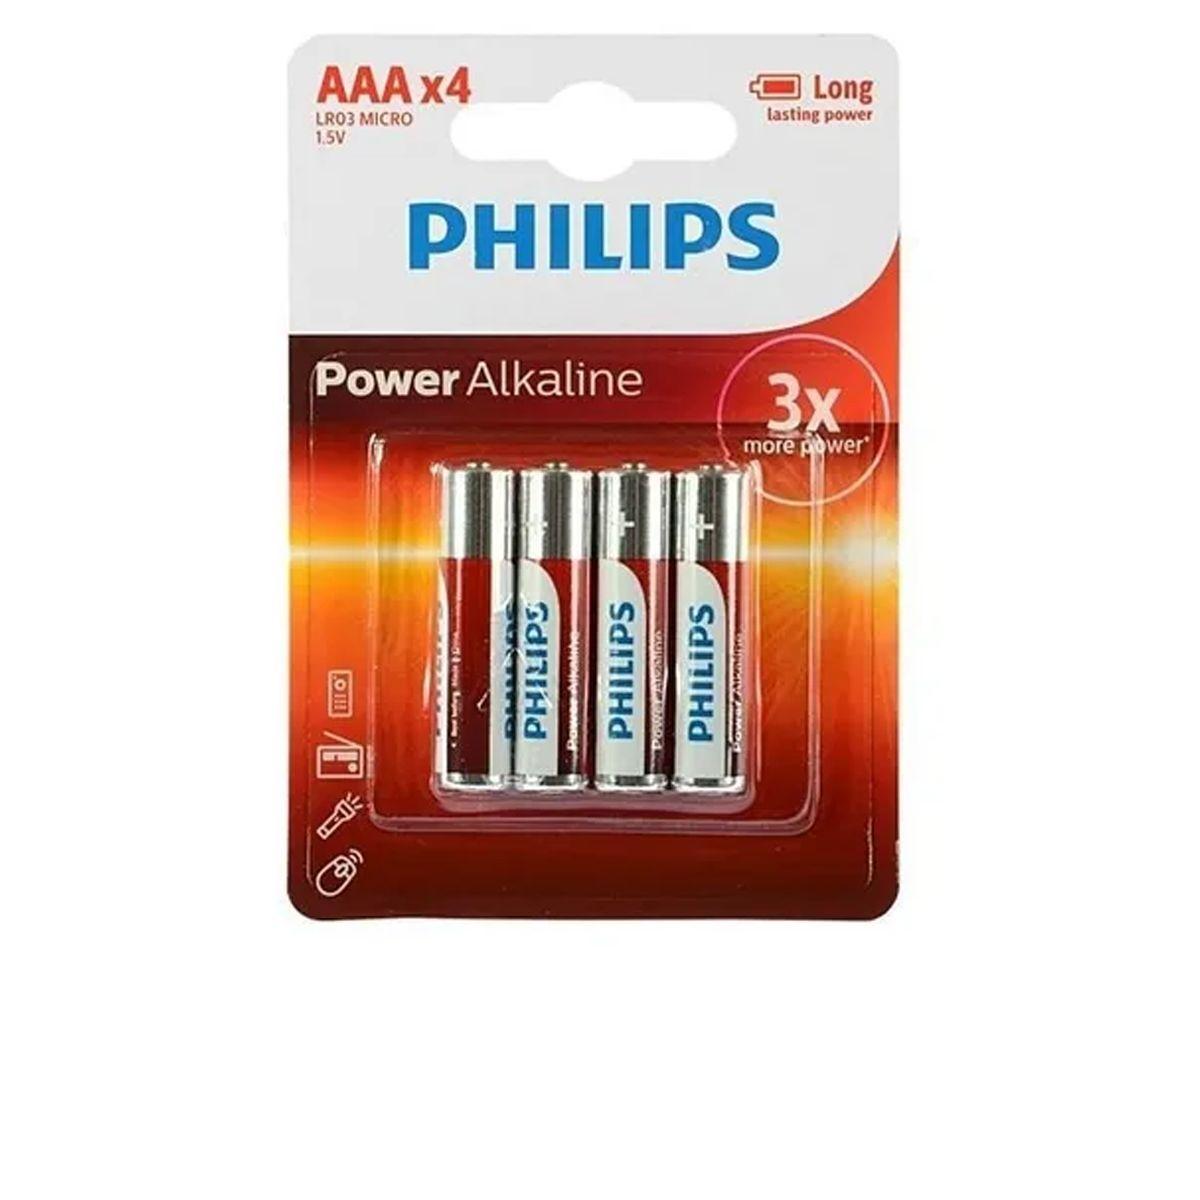 Pilha Alcalina Power AAA Philips LR03 Micro 1.5V